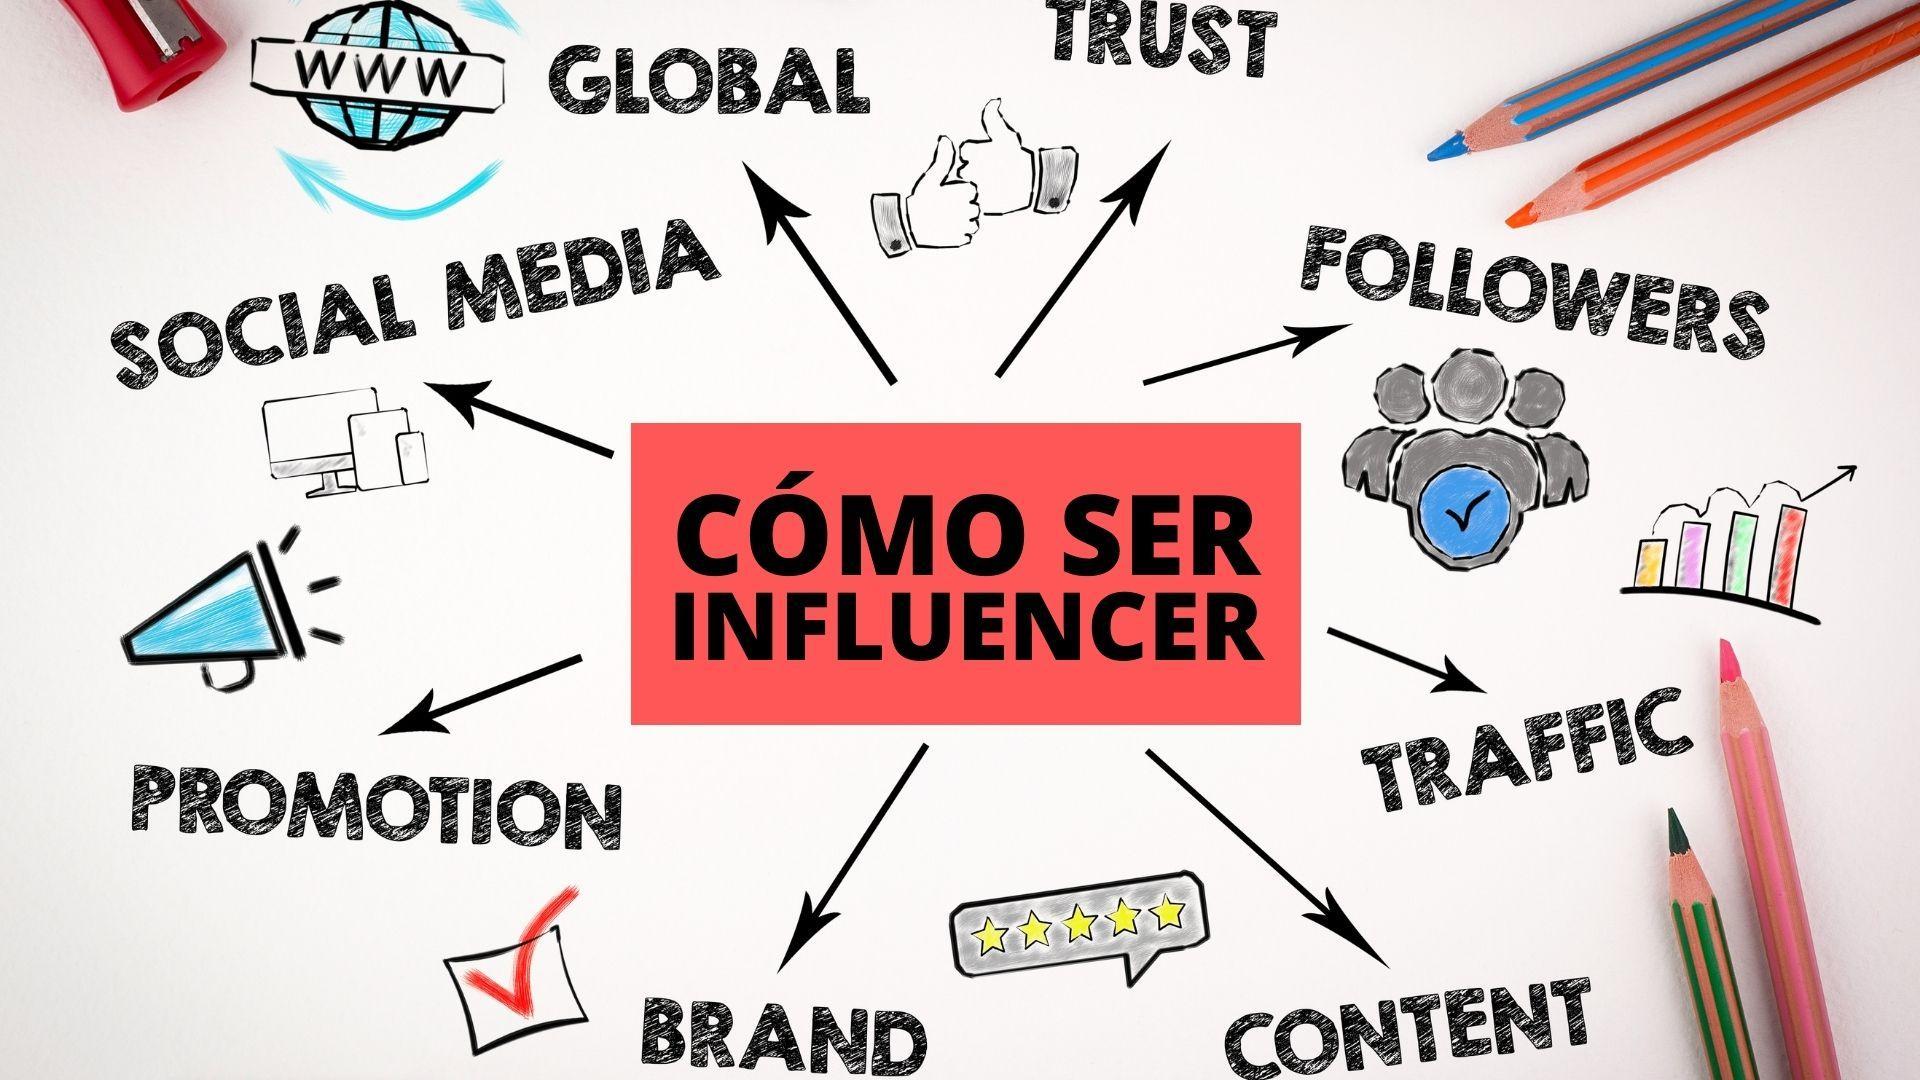 COMO-SER-INFLUENCER